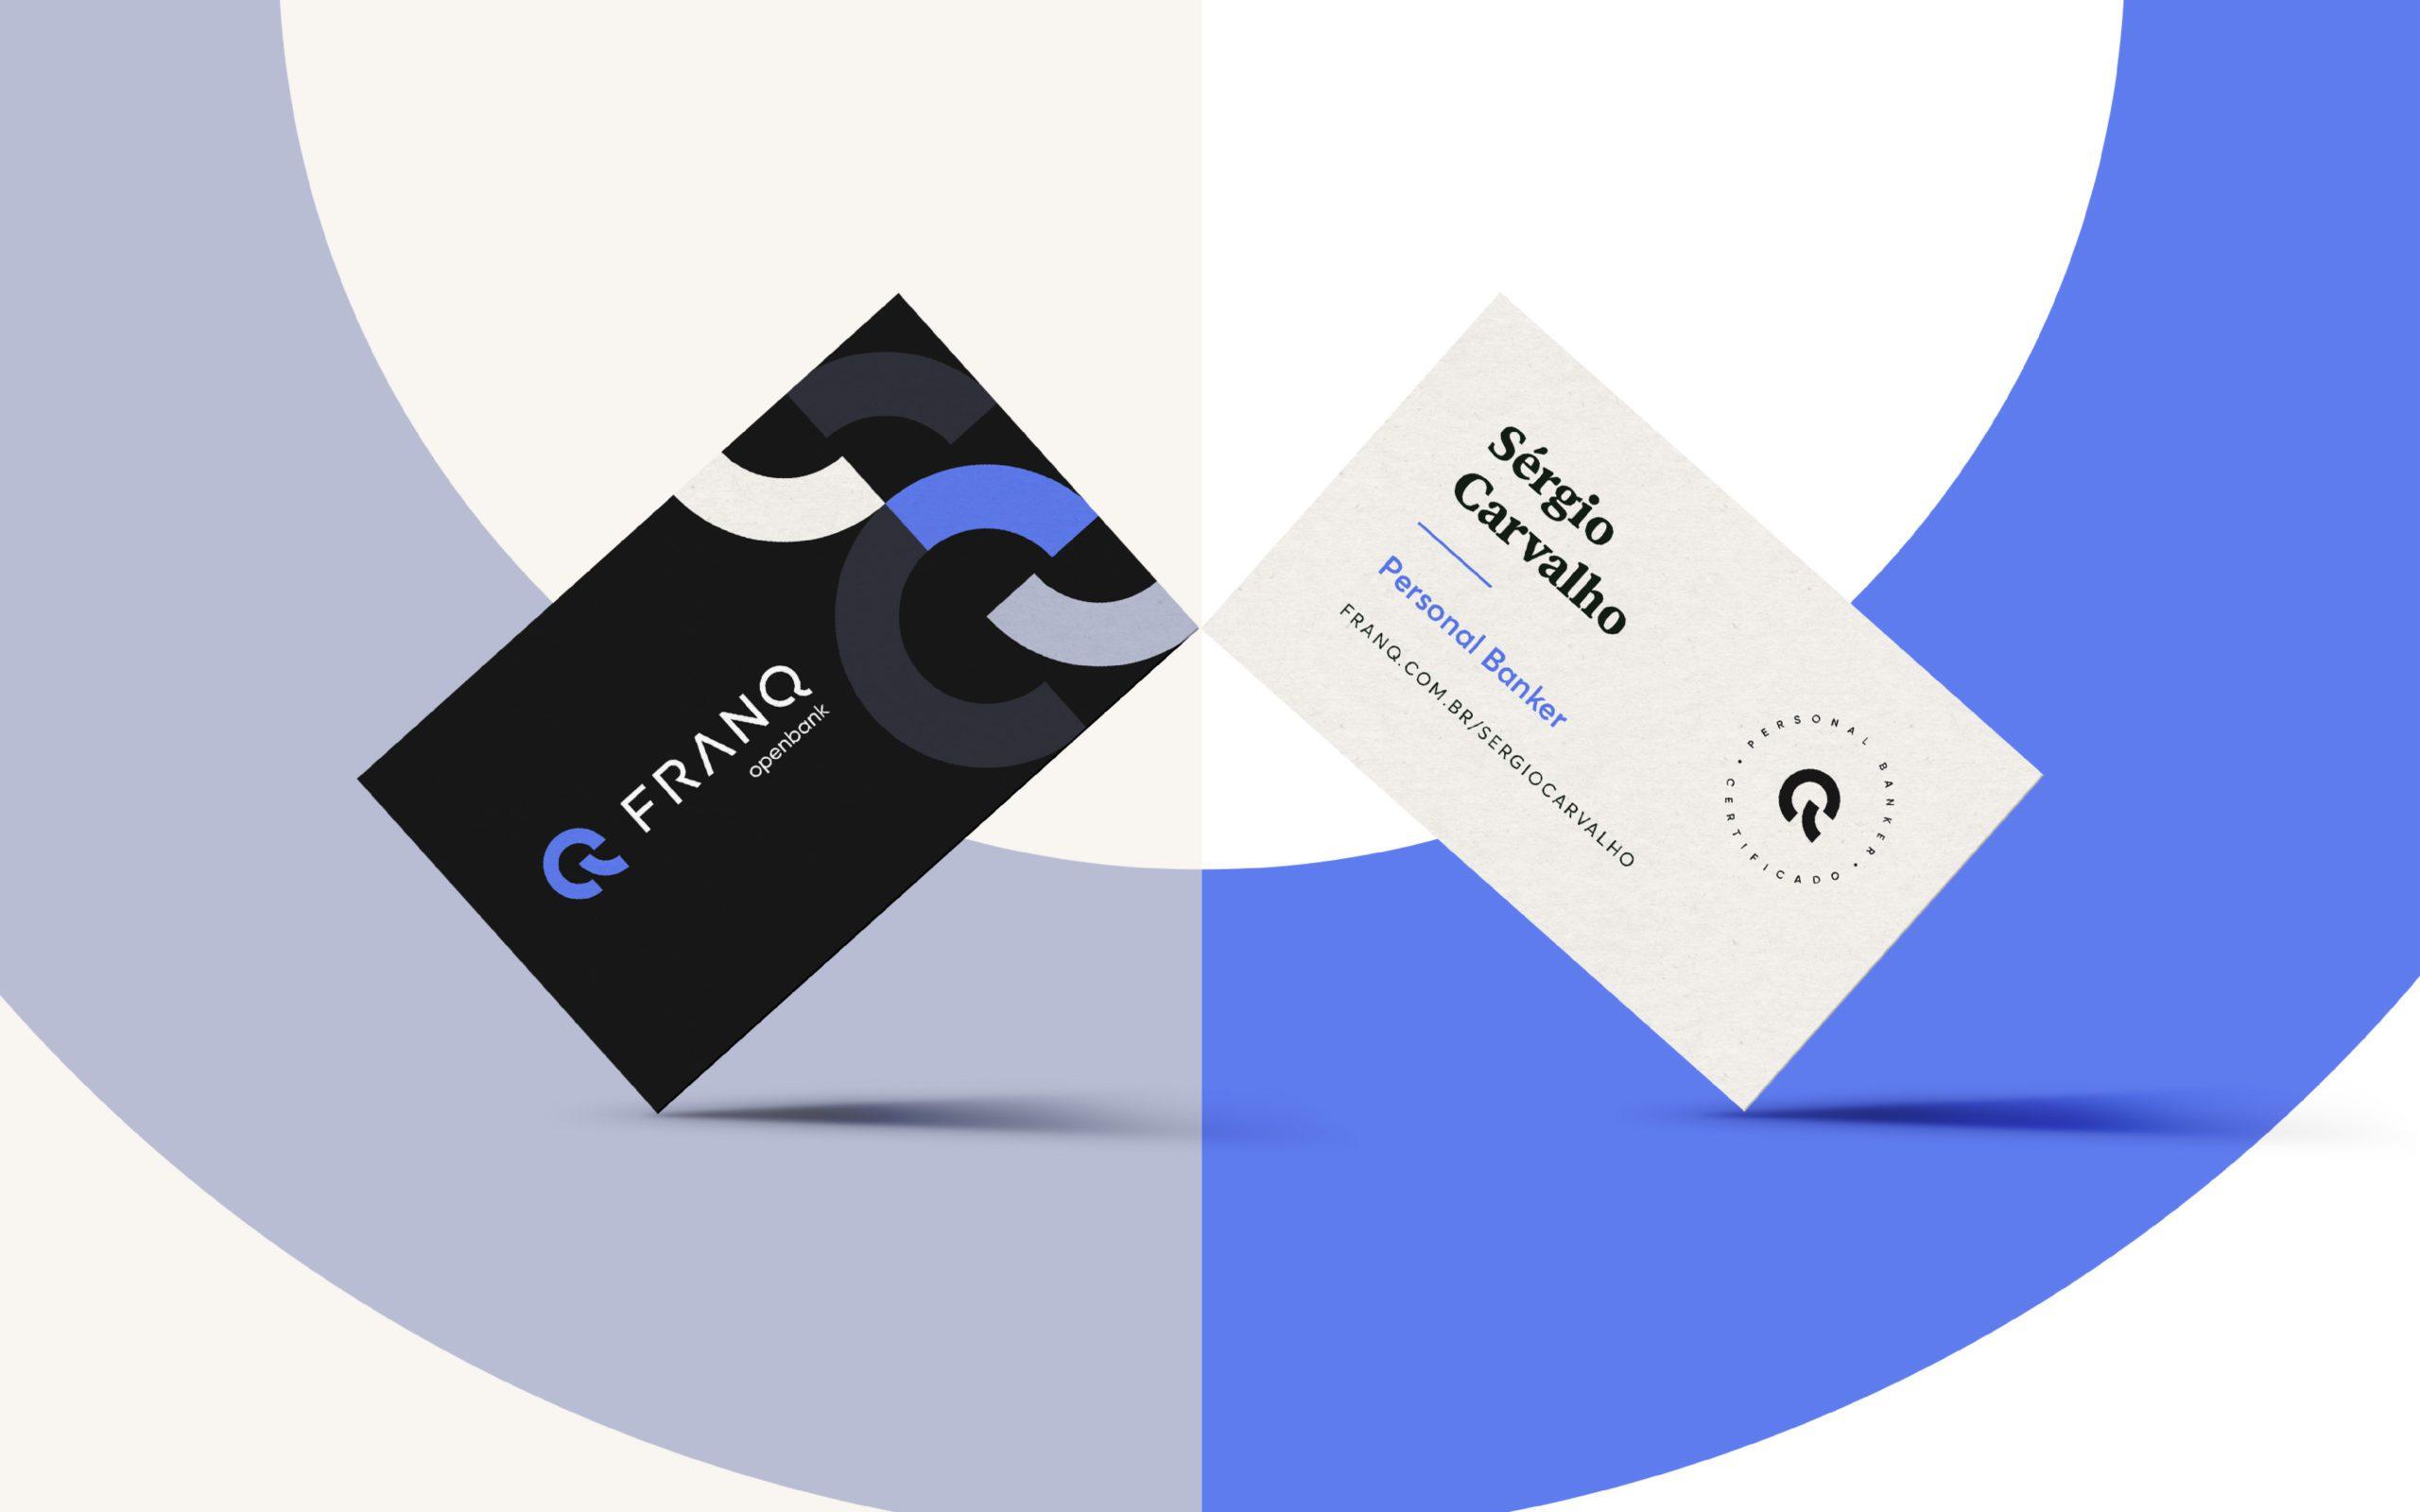 branding-fintech-startups-openbank-24